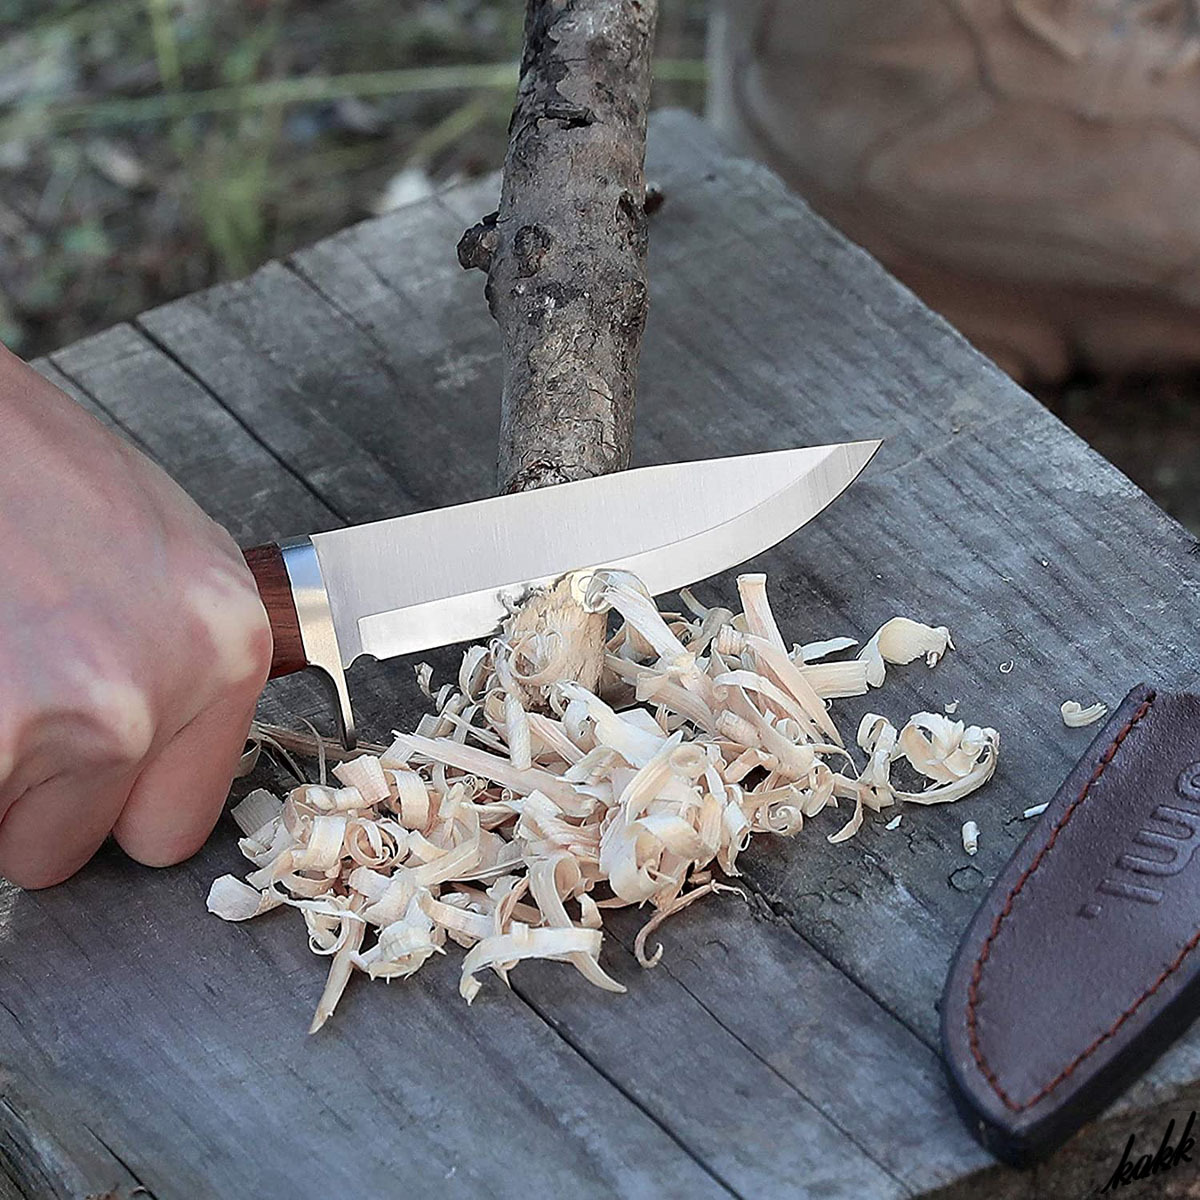 【天然ウッドハンドルが手に馴染む】 シースナイフ ステンレス鋼 ドロップポイント アウトドア包丁 ケース付き キャンプ サバイバル